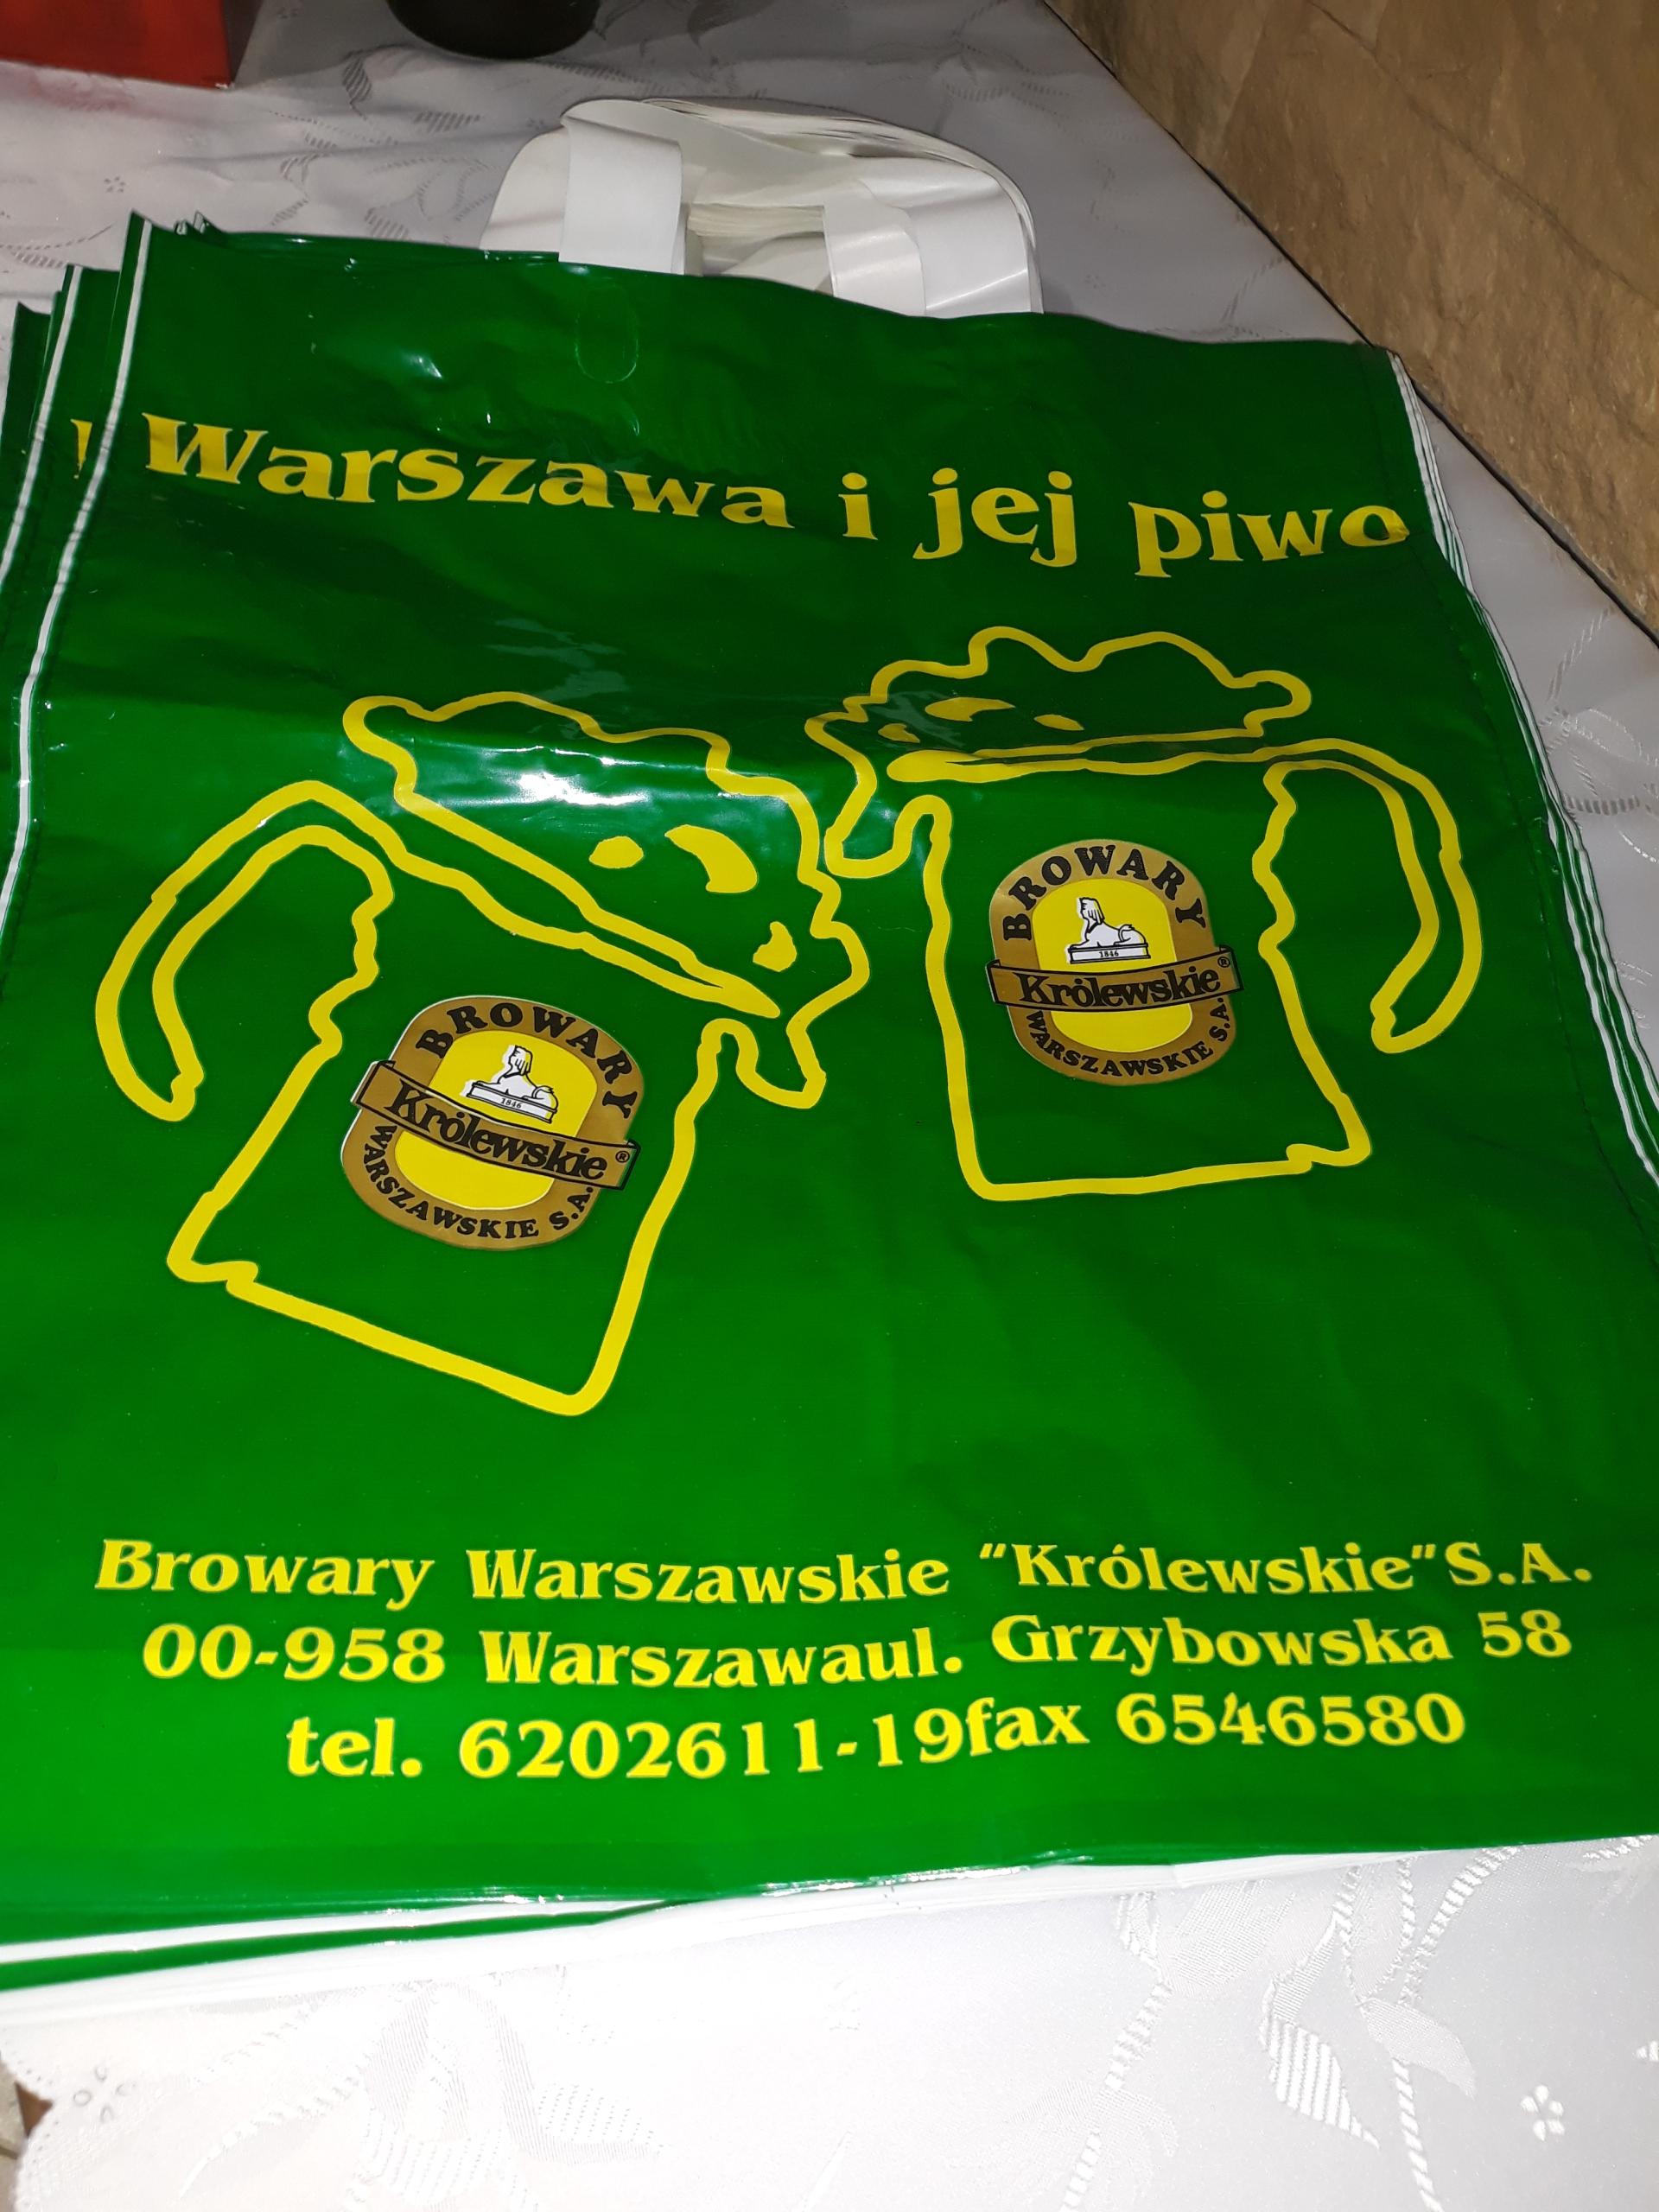 10szt Browary Warszawskie torby foliowe reklamówki